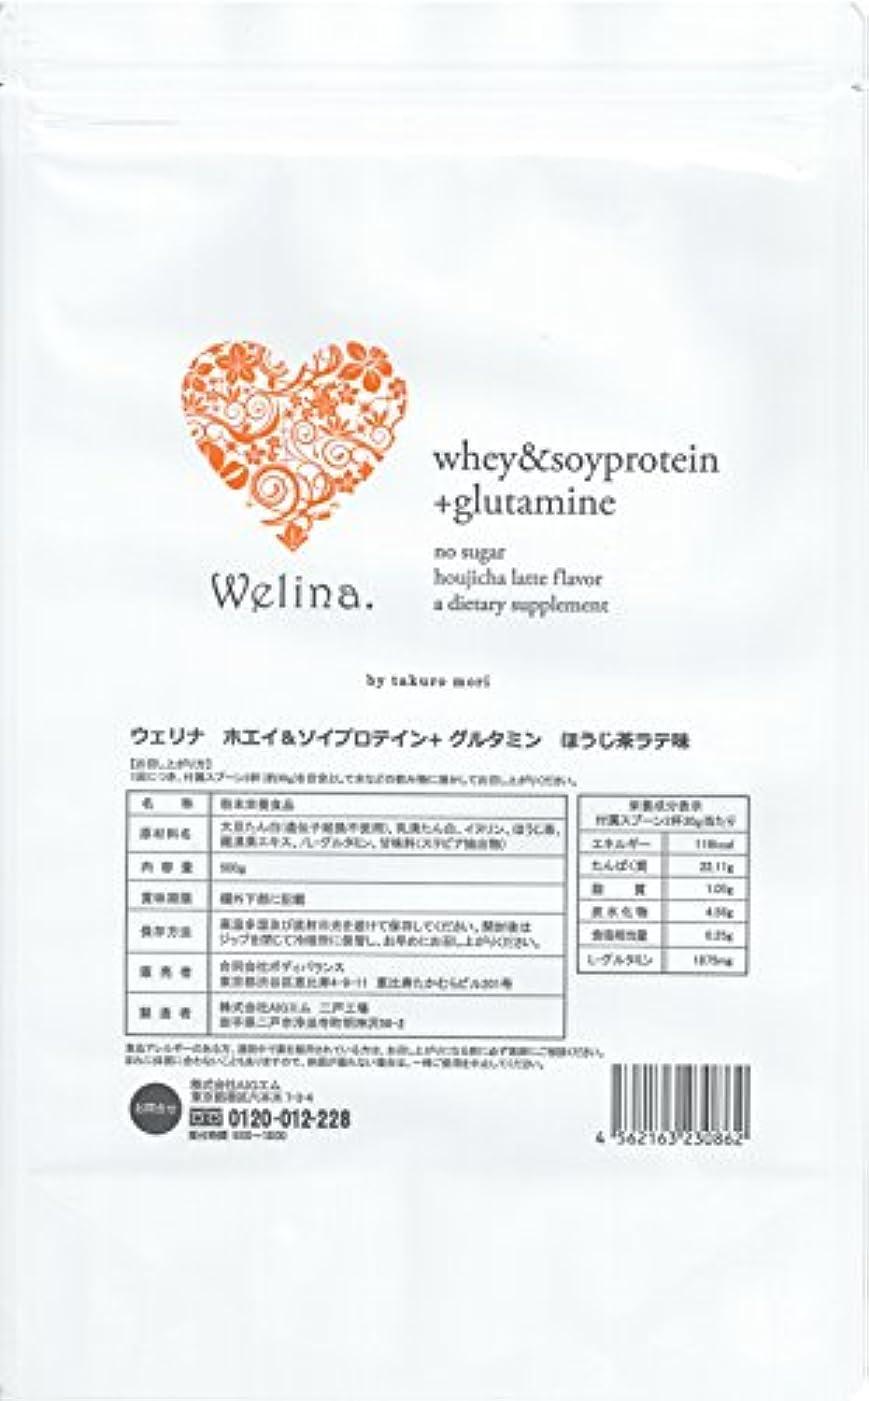 飾り羽船外幹ウェリナ ホエイ&ソイプロテイン+グルタミン ほうじ茶ラテ味 500g